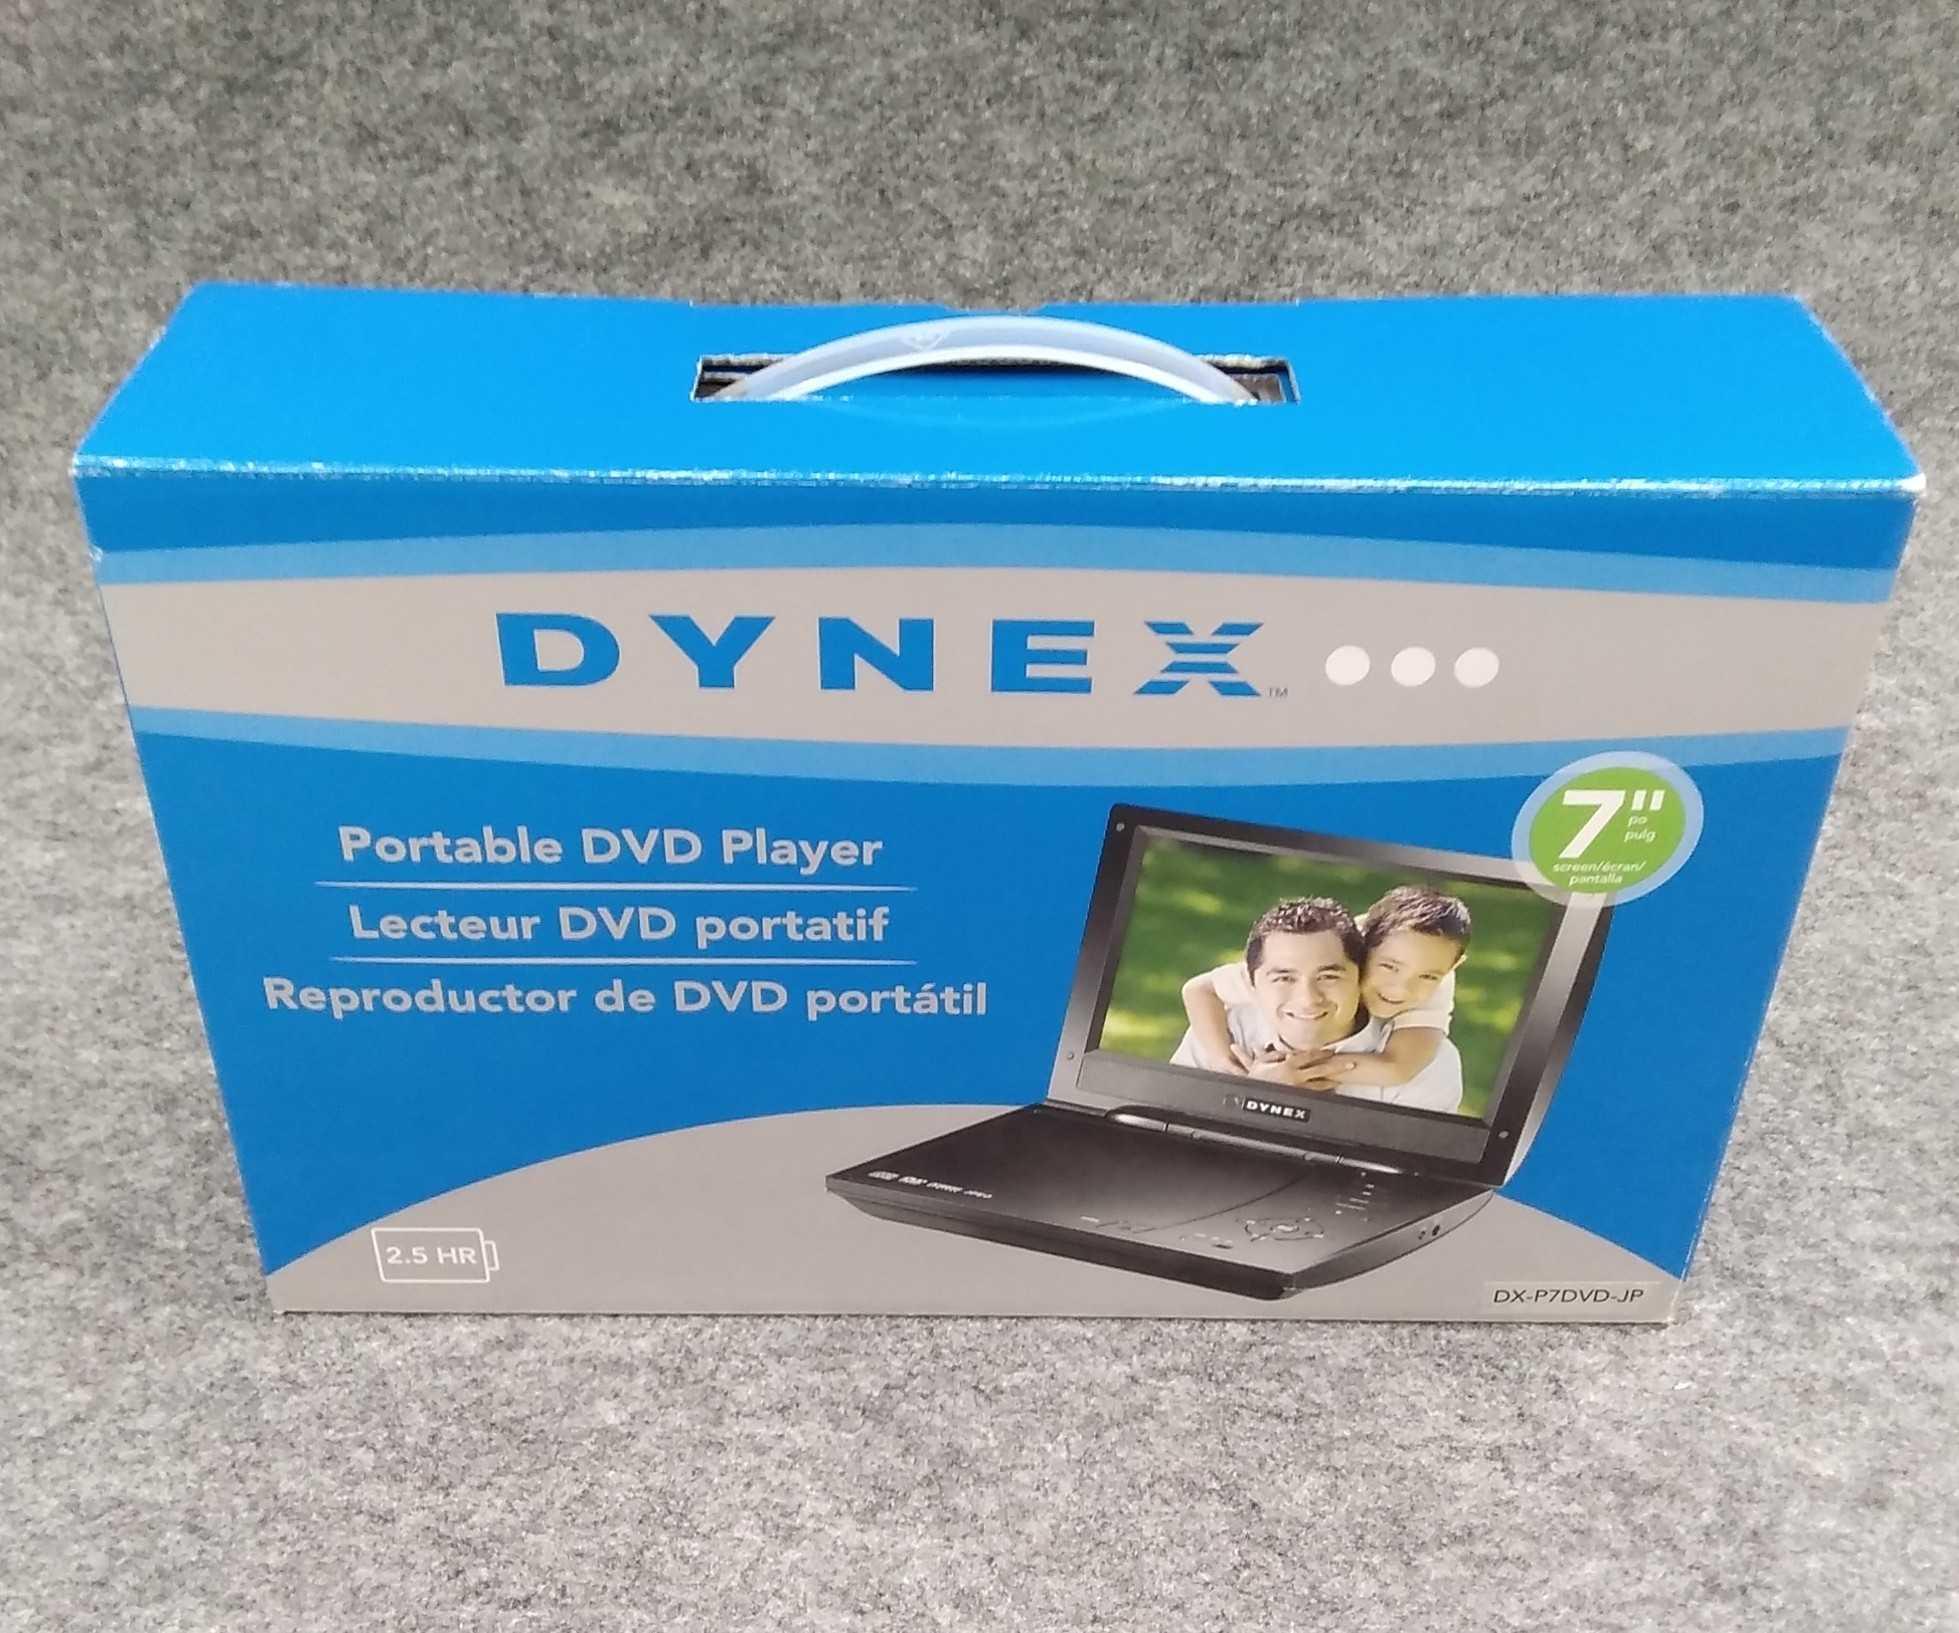 ポータブルDVDプレーヤー|DYNEX